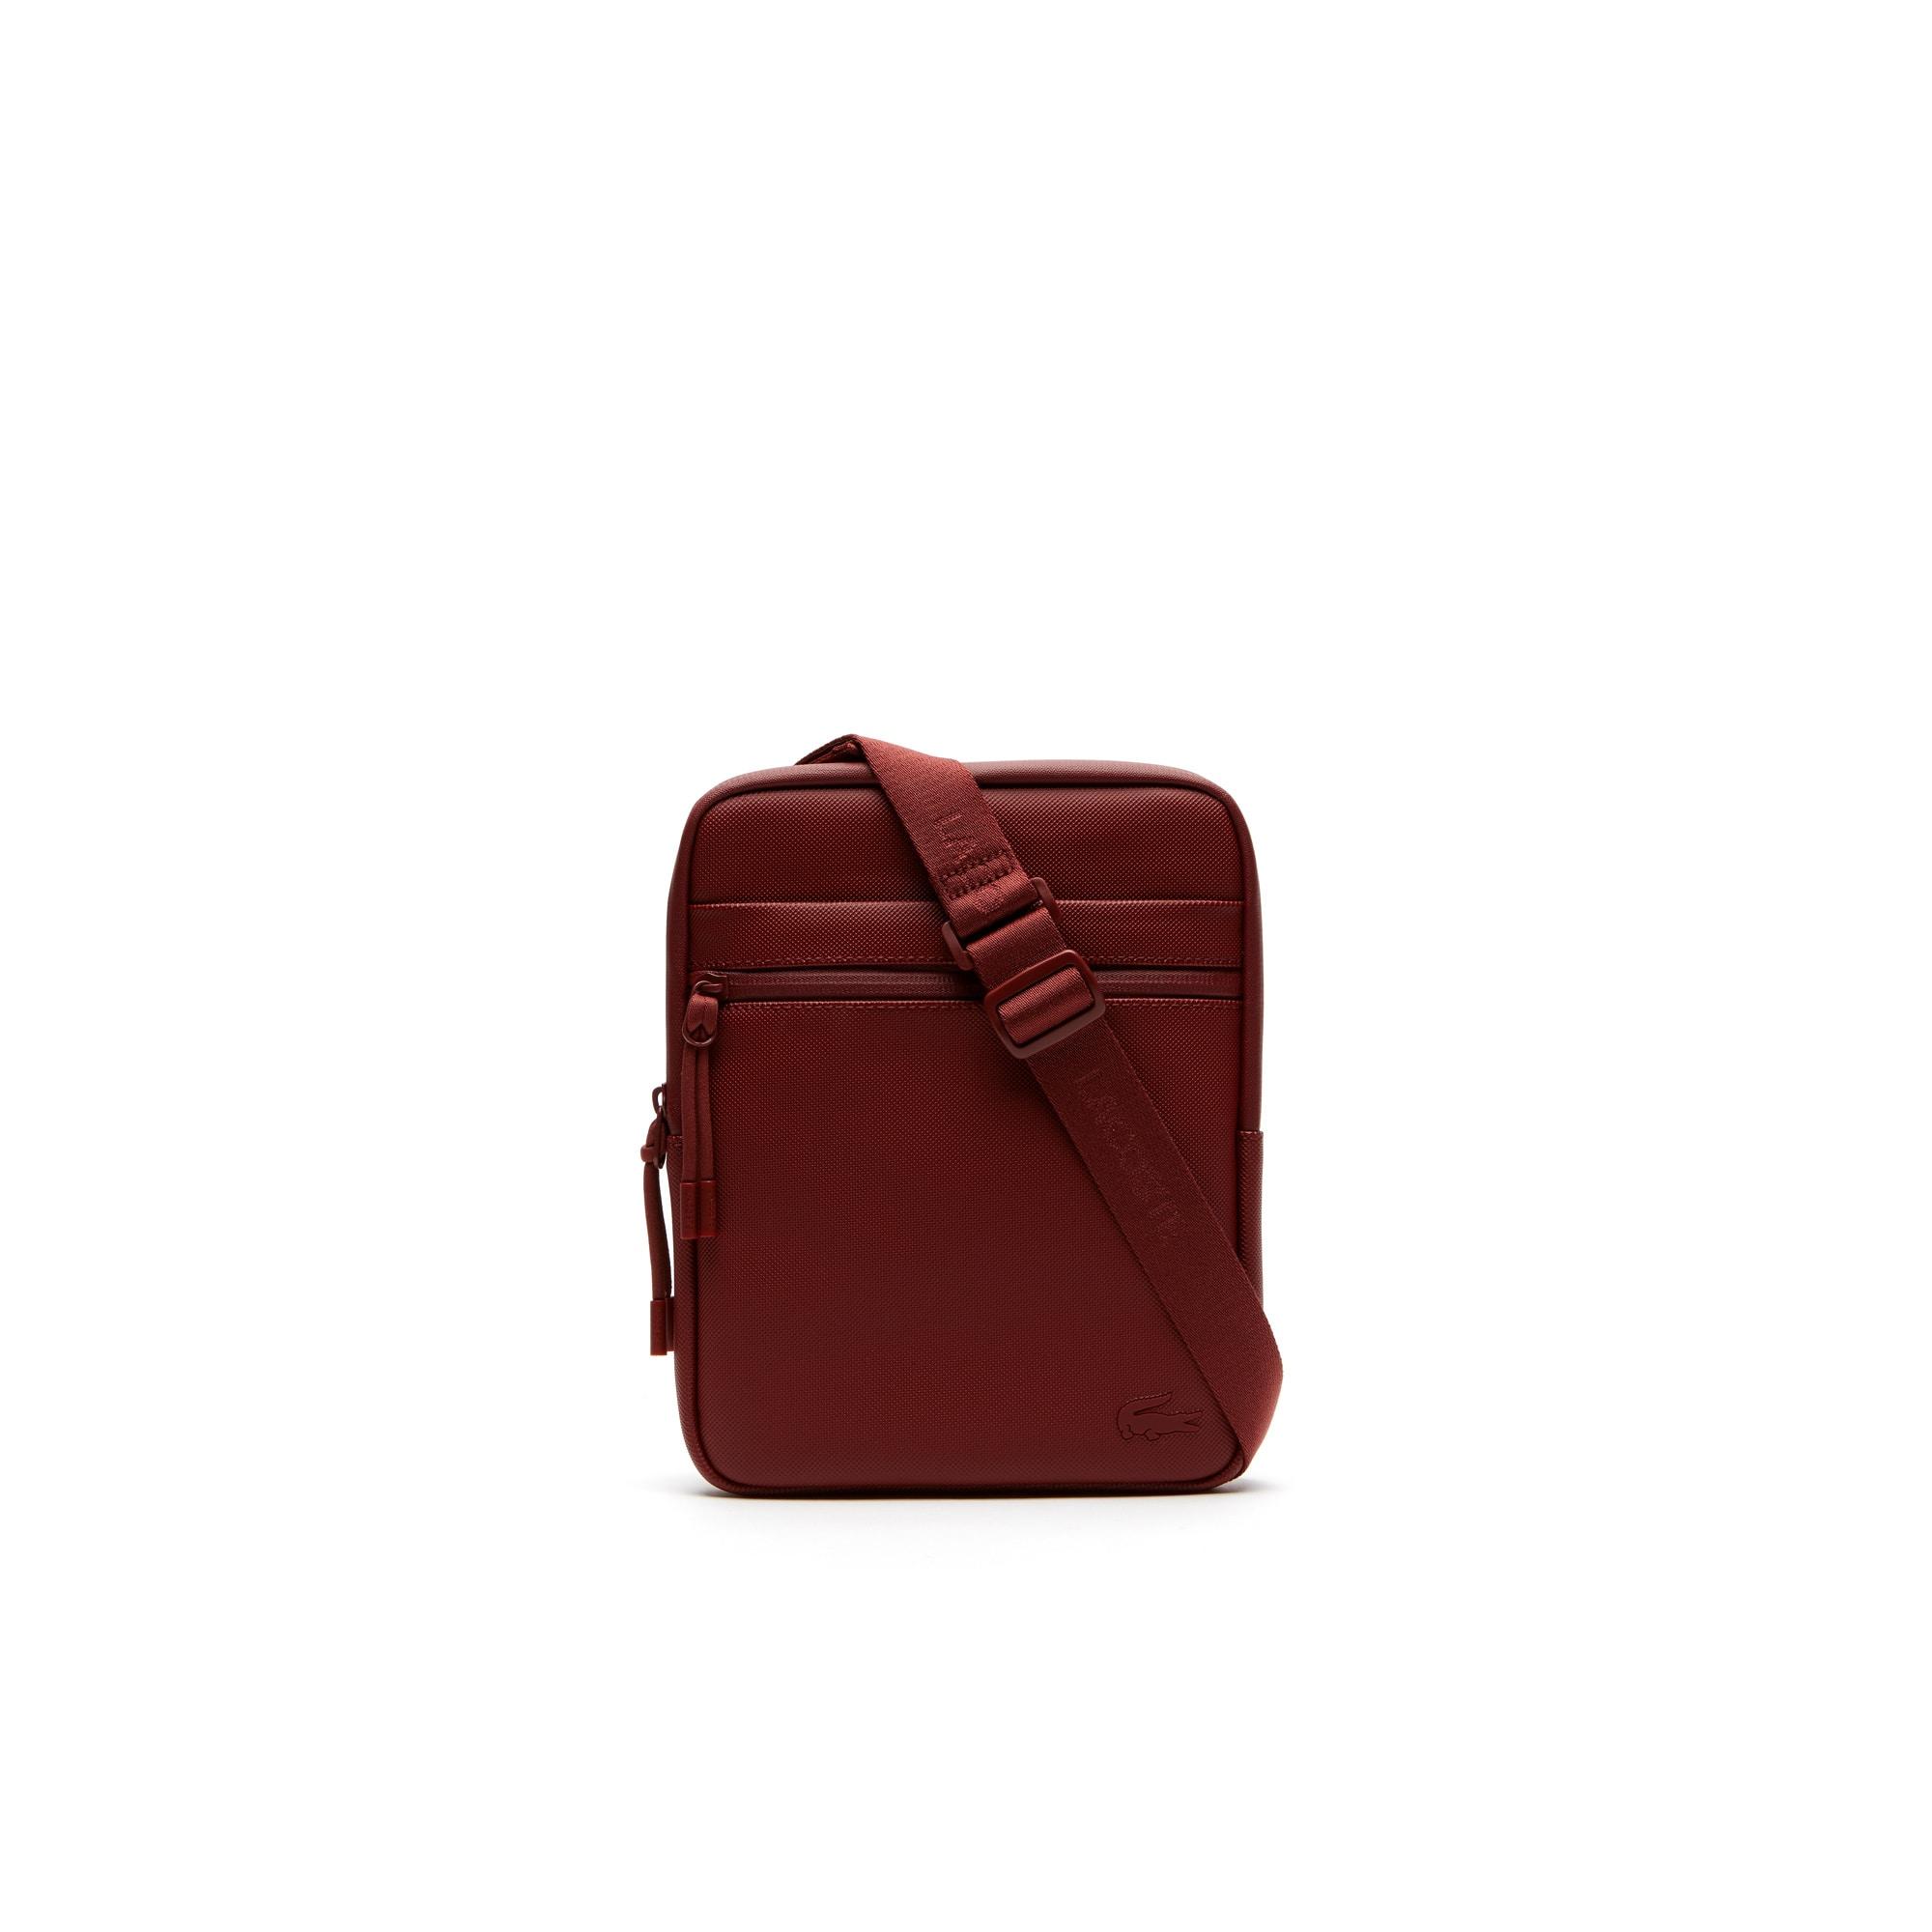 Flache Herrentasche L.12.12 Concept aus Petit Piqué